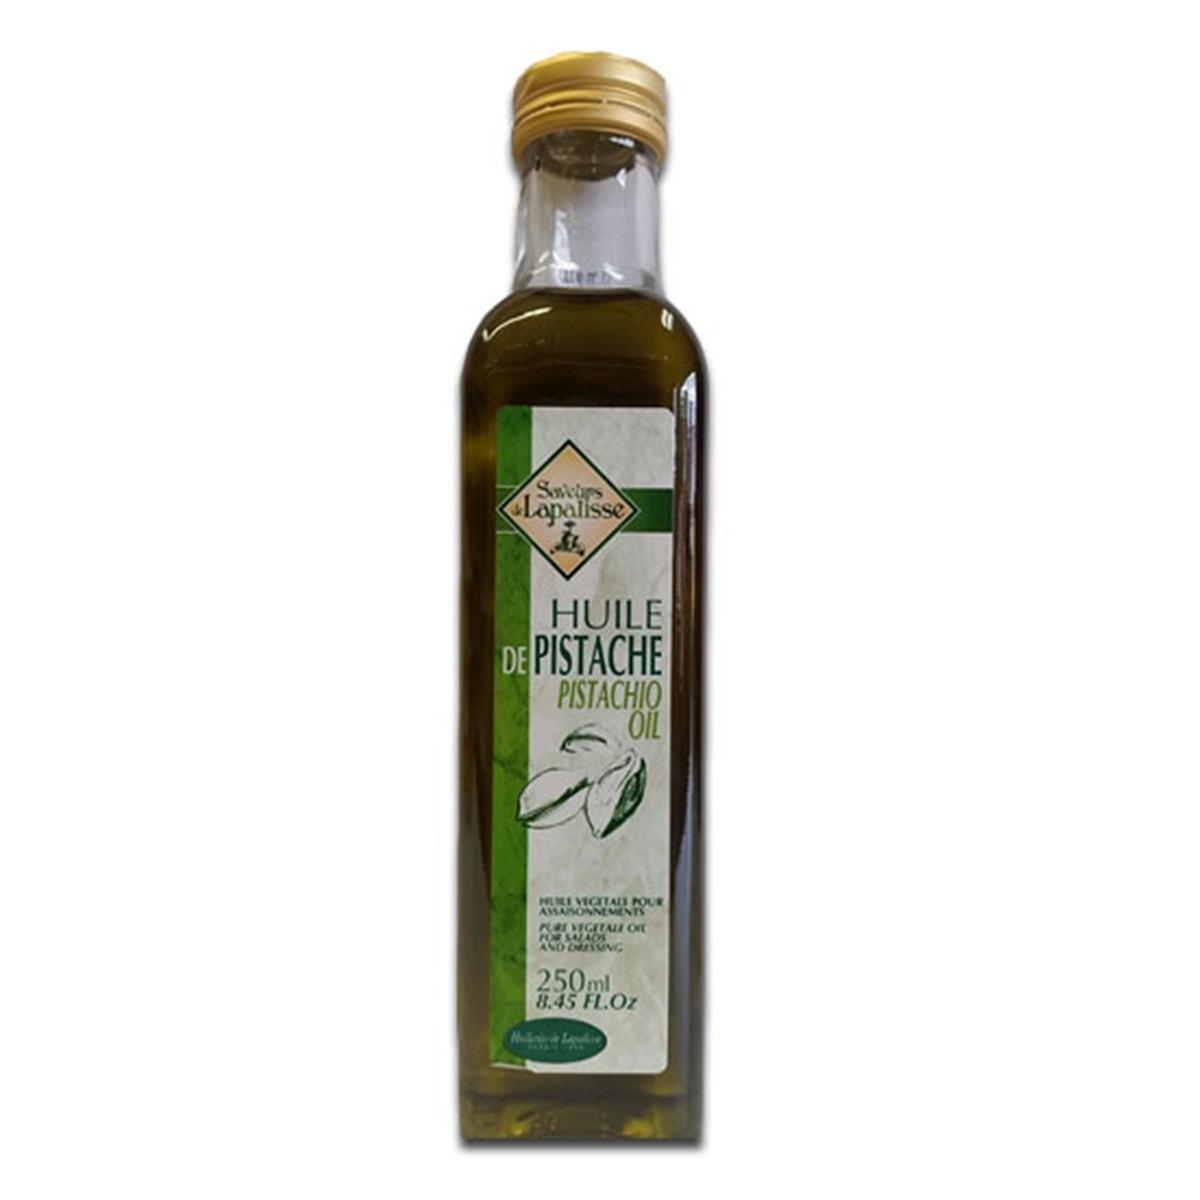 Buy Saveurs De Lapalisse Huile De Pistache (100% Pure Pistachio Oil) - 250 ml